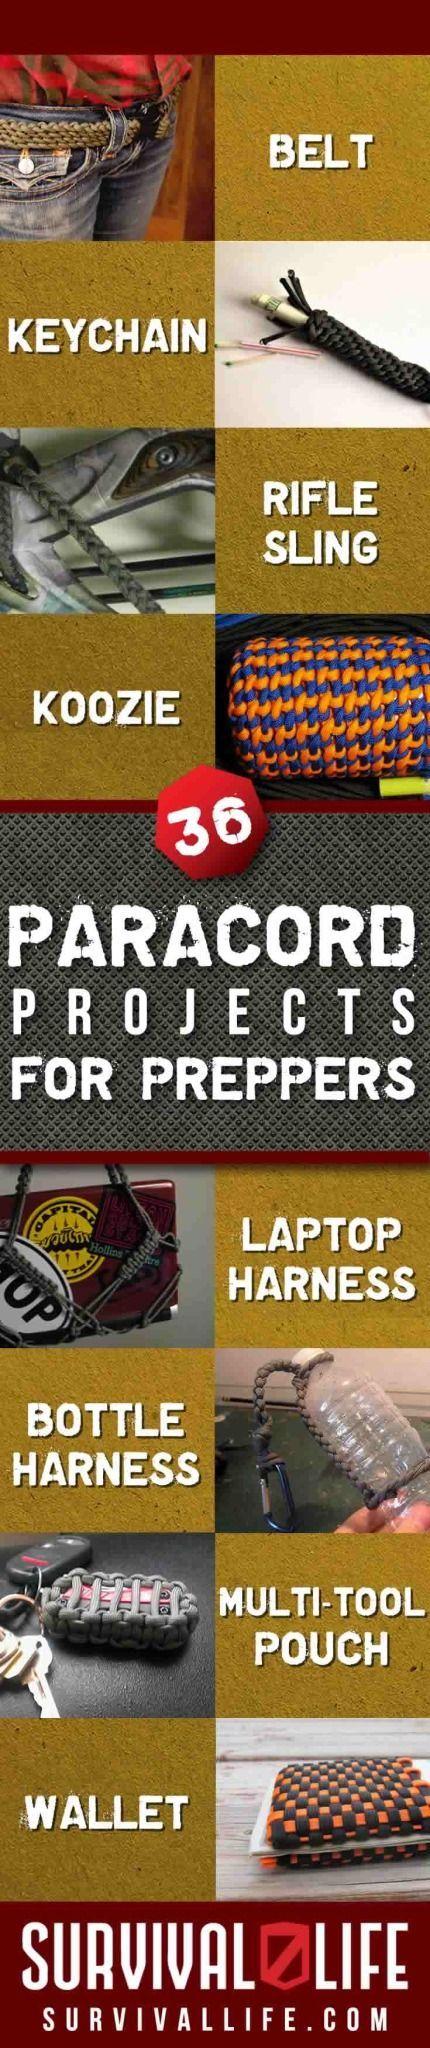 36 Paracord proyectos para Preppers | pulseras y otros equipos de bricolaje Cool de vida Supervivencia survivallife.com / ...